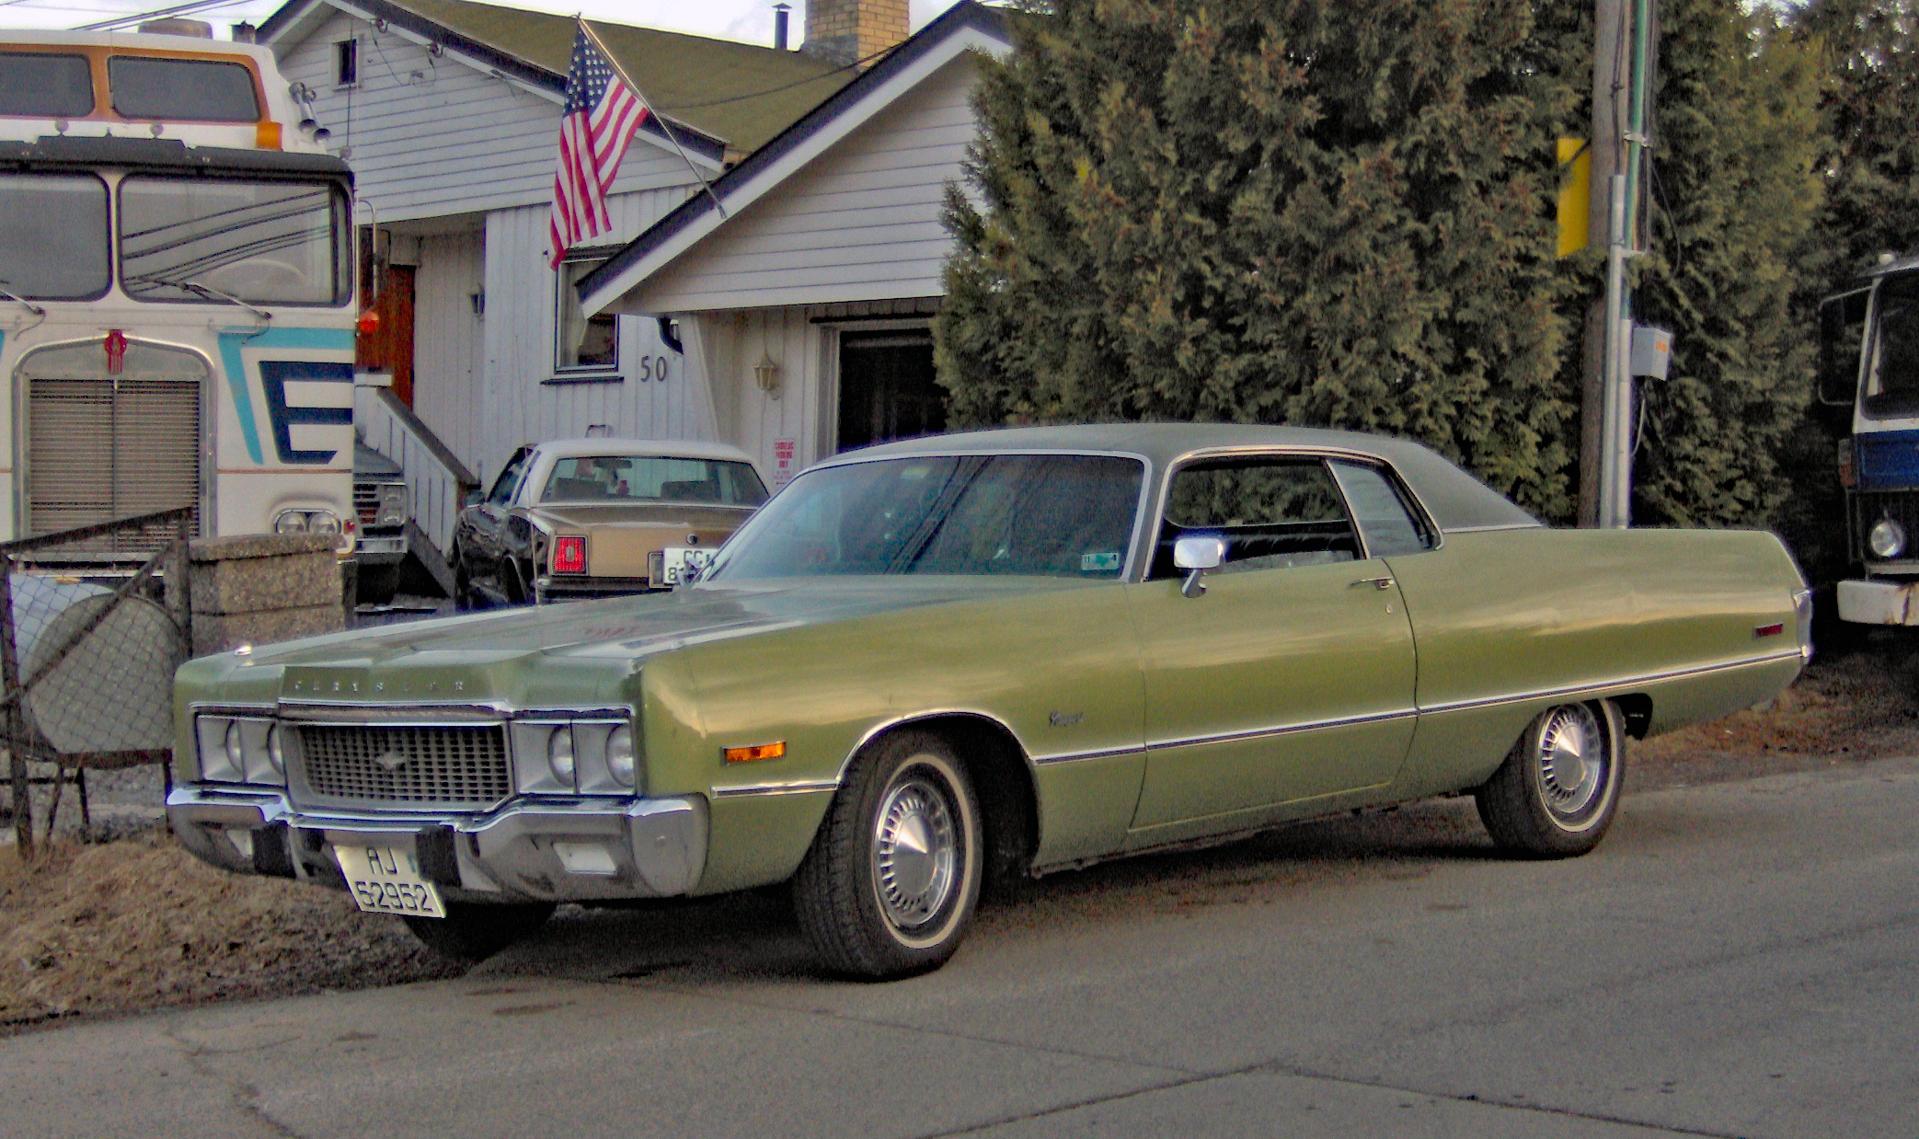 237-1973 Chrysler Newport 01. Eier- medlem 237 May